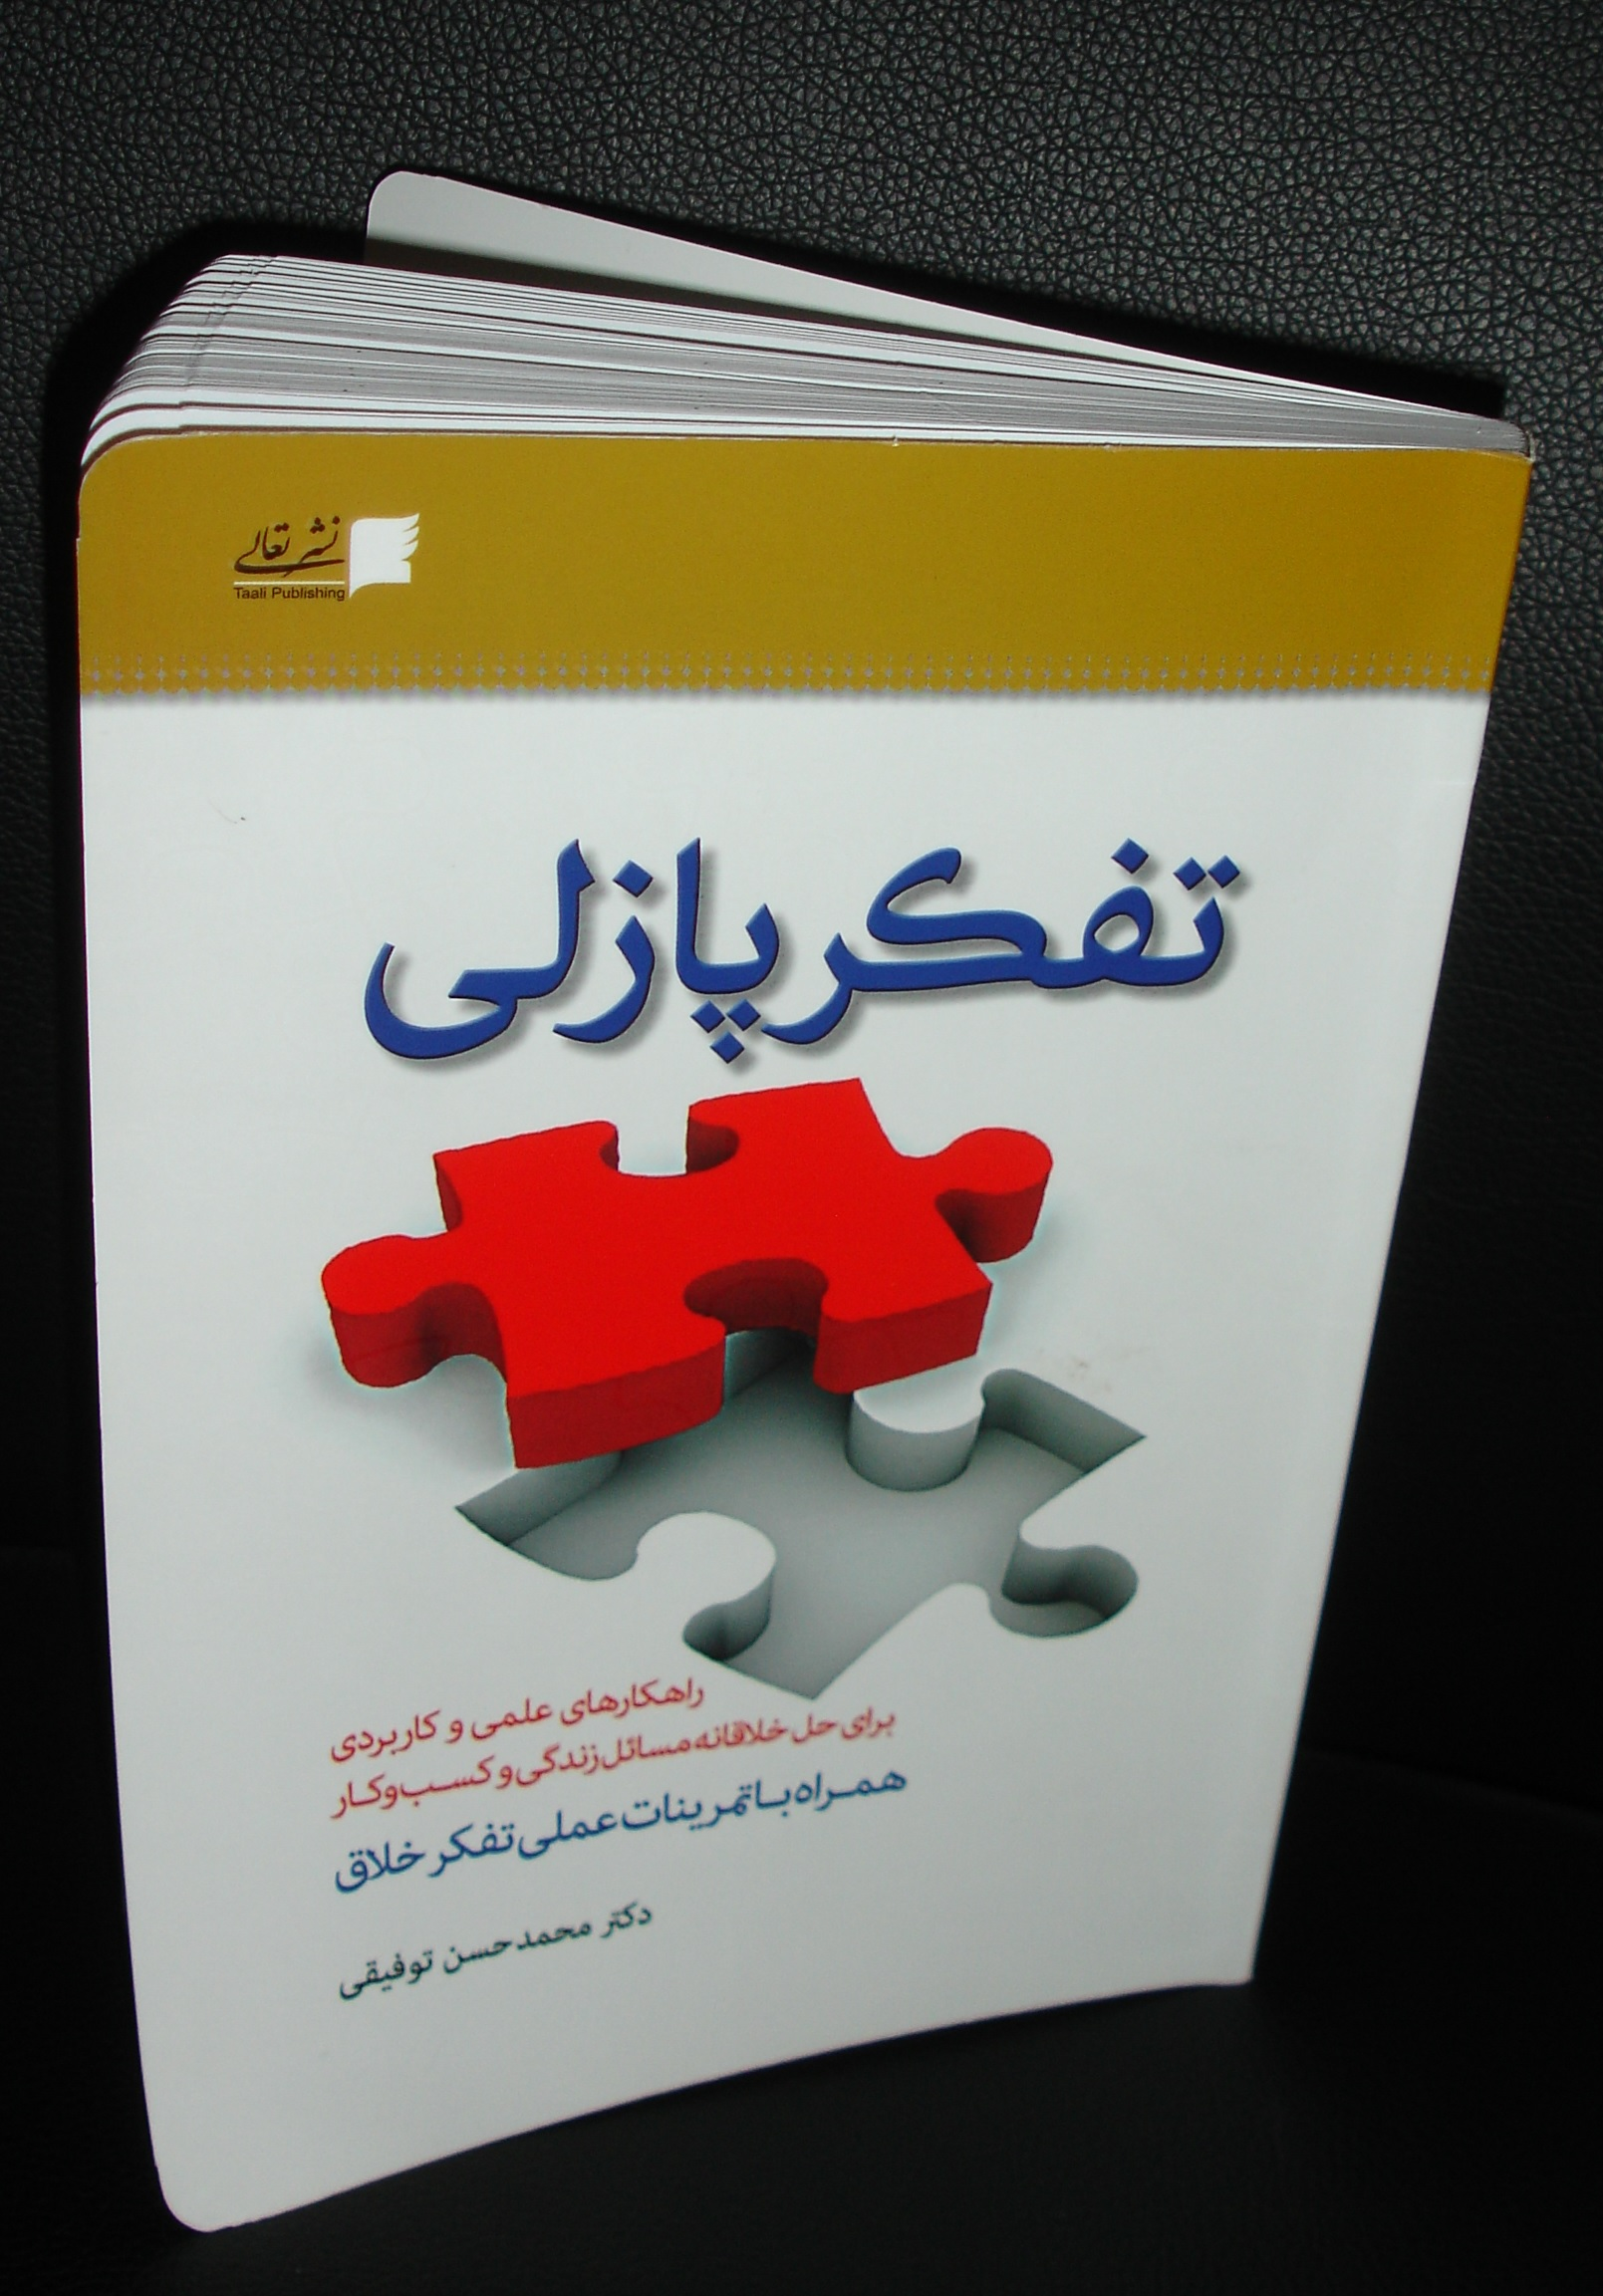 کتاب تفکر پازلی